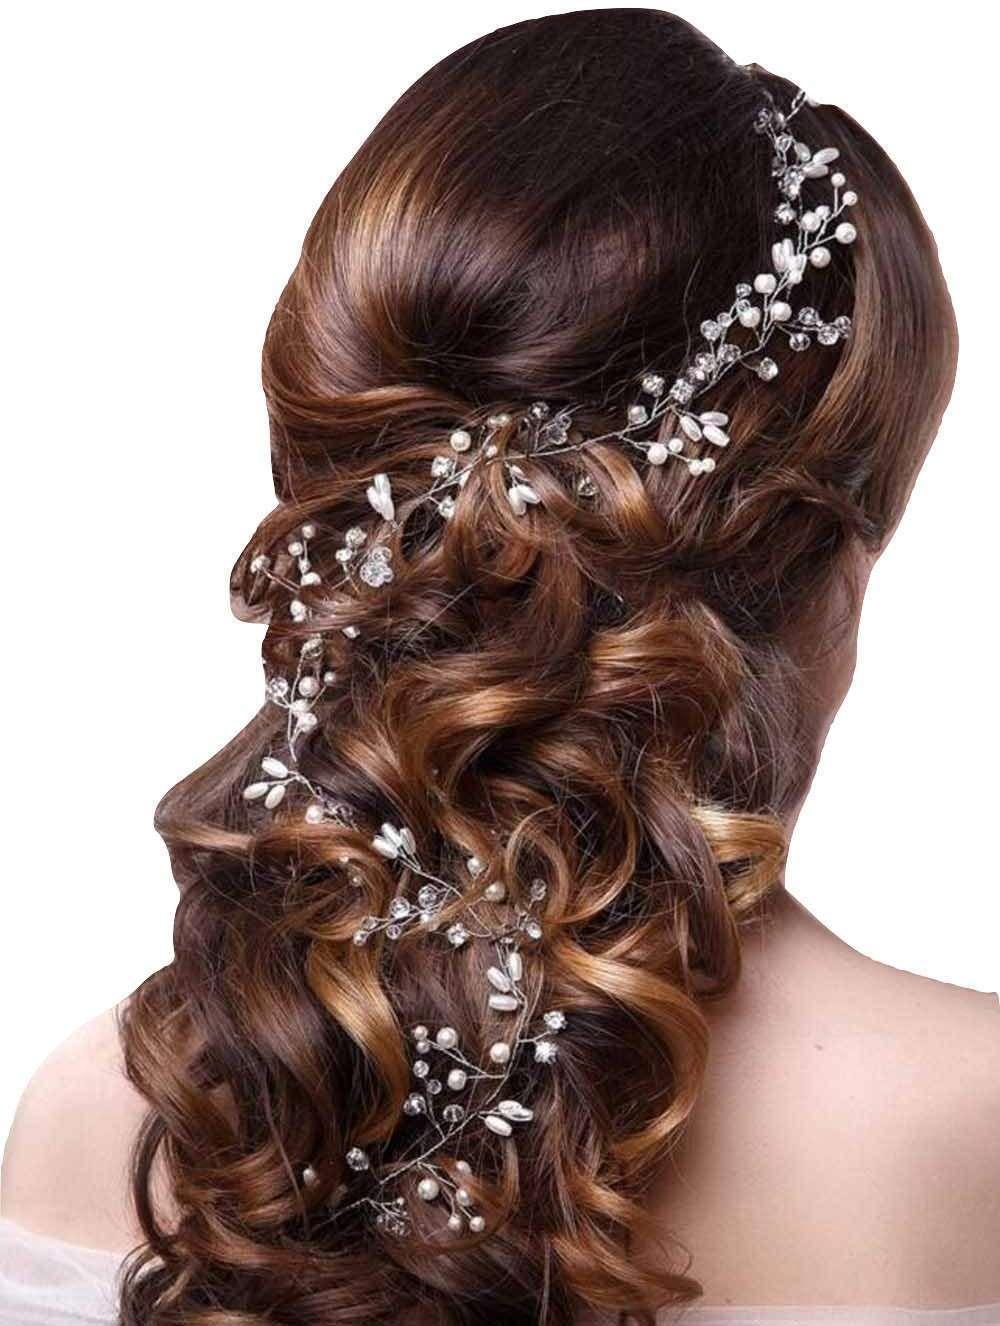 Фото из категории Аксессуары для волос